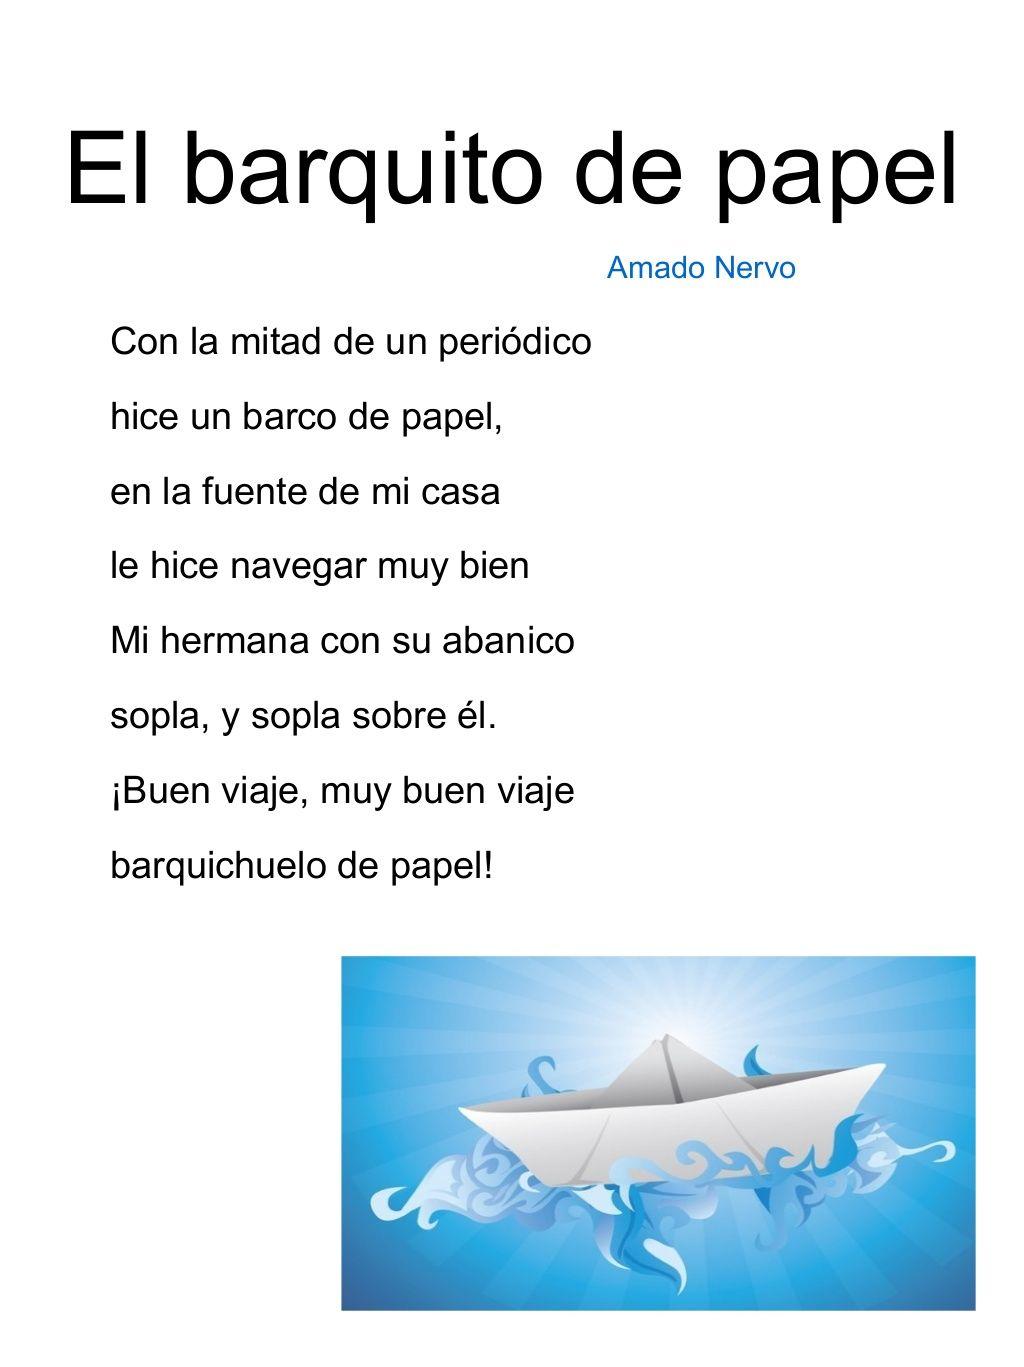 26 Ideas De Poesía Para Niños Poetry For Children Poesía Para Niños Poesía Poemas Infantiles